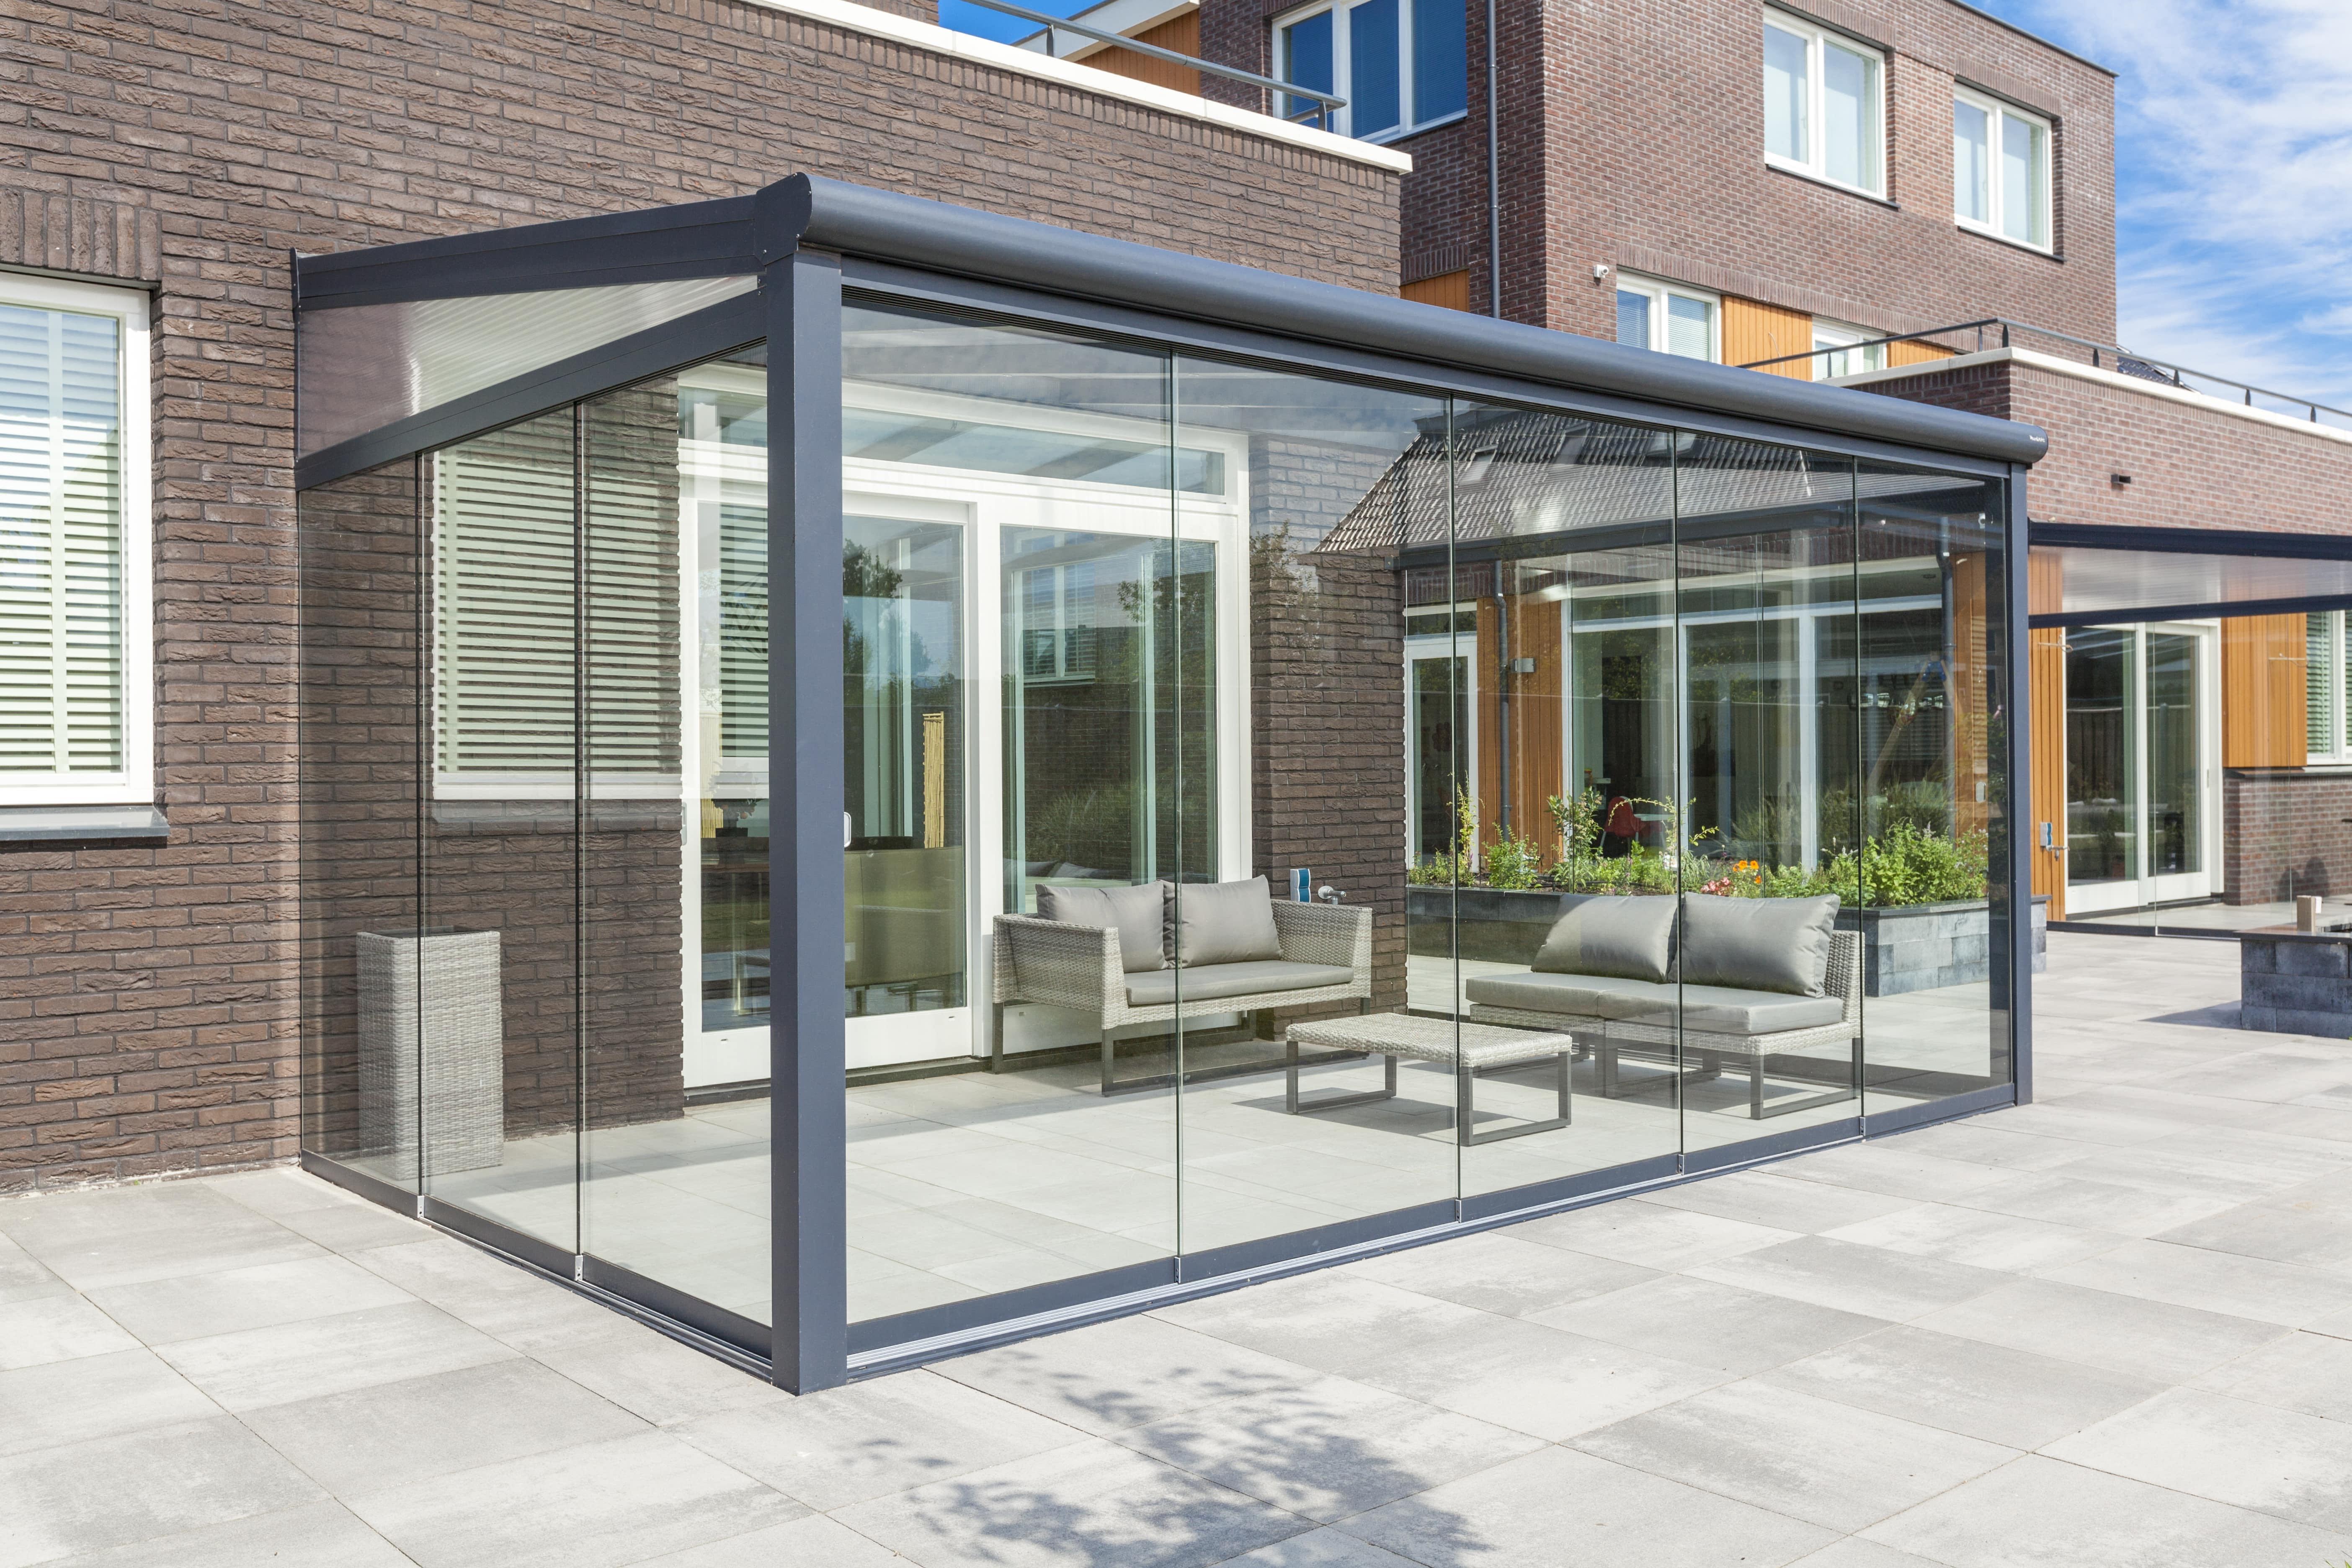 aluminium veranda cost southampton-min